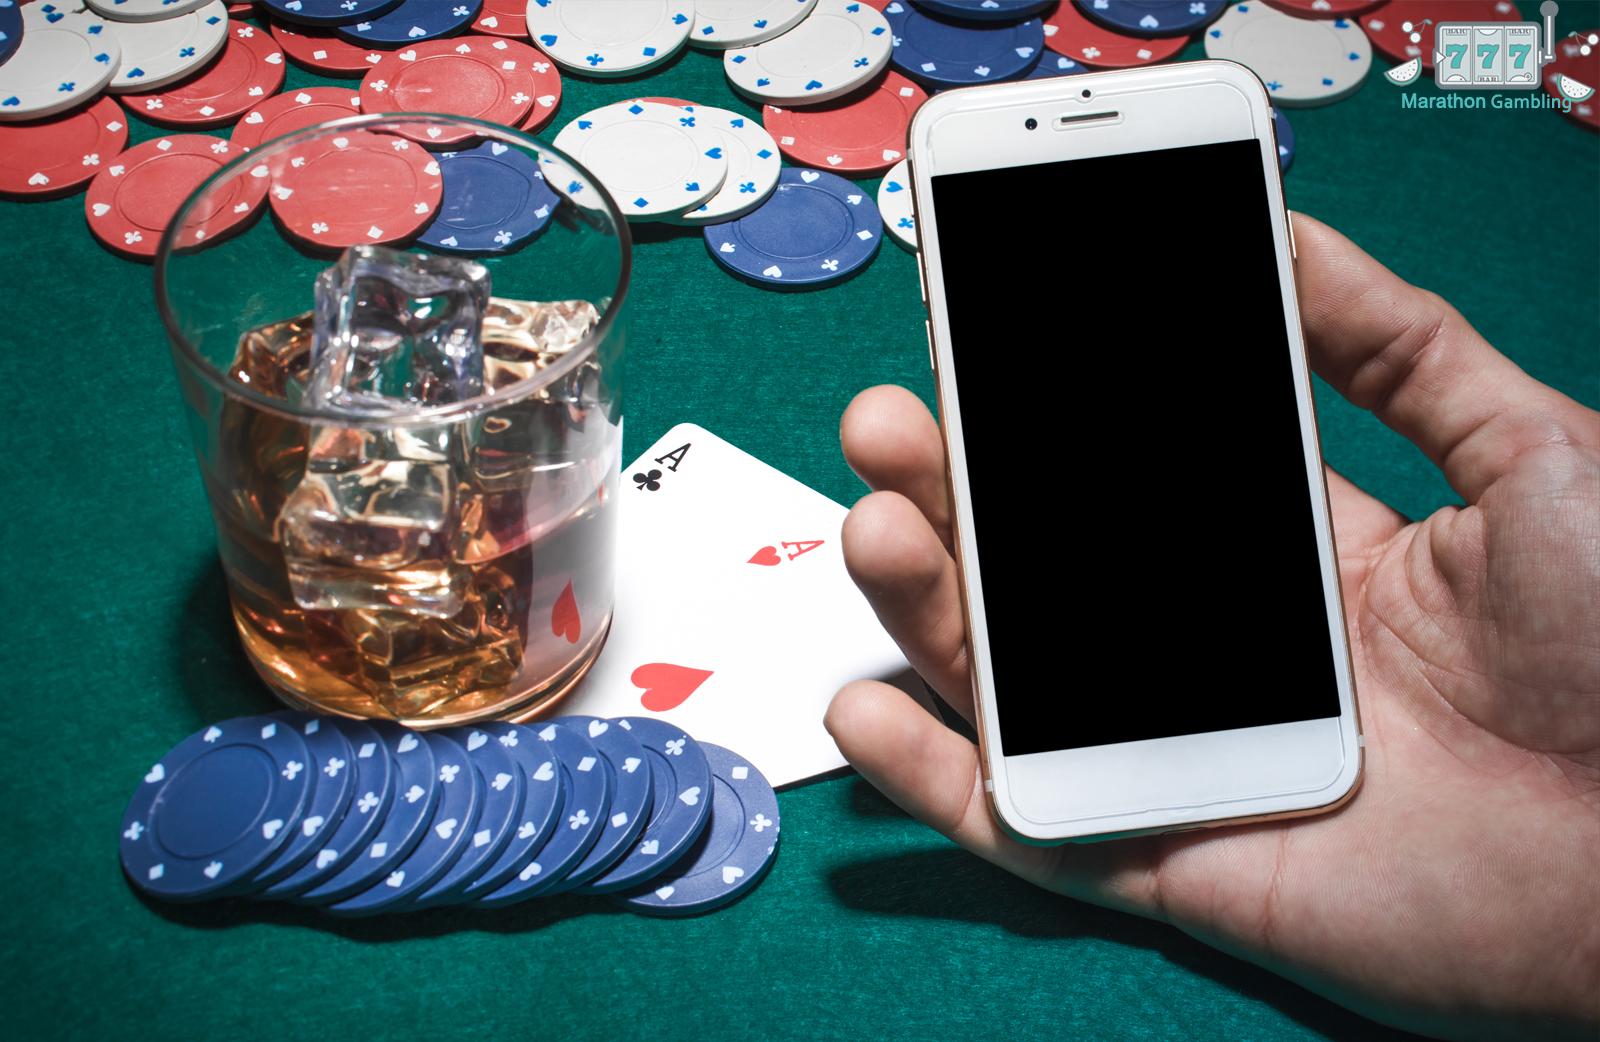 Aturan Bermain Poker Online, Pahami Dulu Agar Bisa Menang